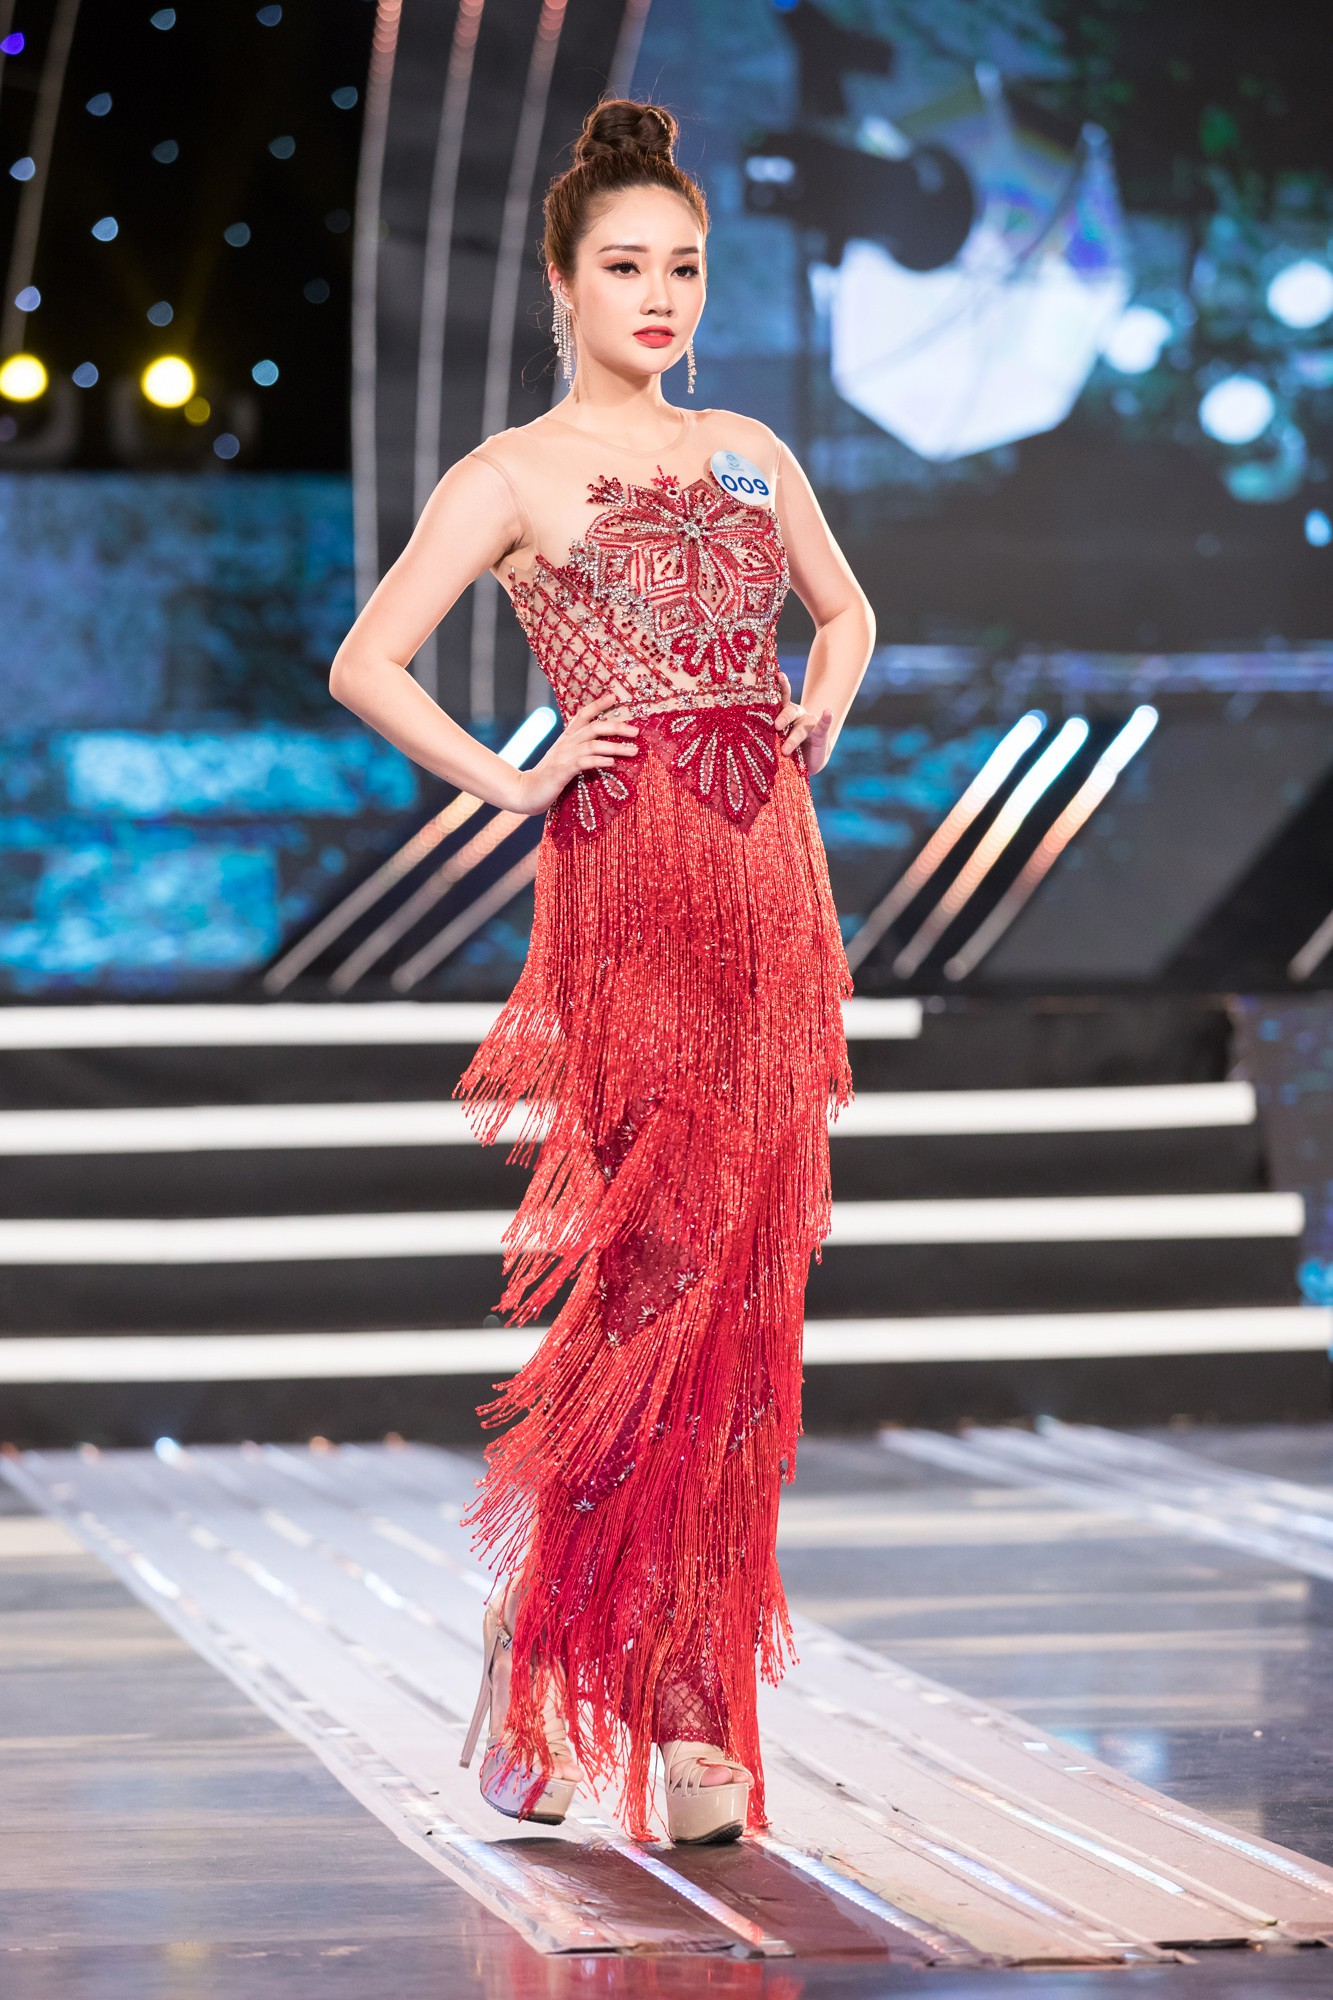 Soi nhan sắc 20 cô gái phía Bắc vừa lọt Chung kết Miss World VN: Thí sinh mặt đẹp nhất lại lộ vóc dáng đô con, thiếu đường cong-4